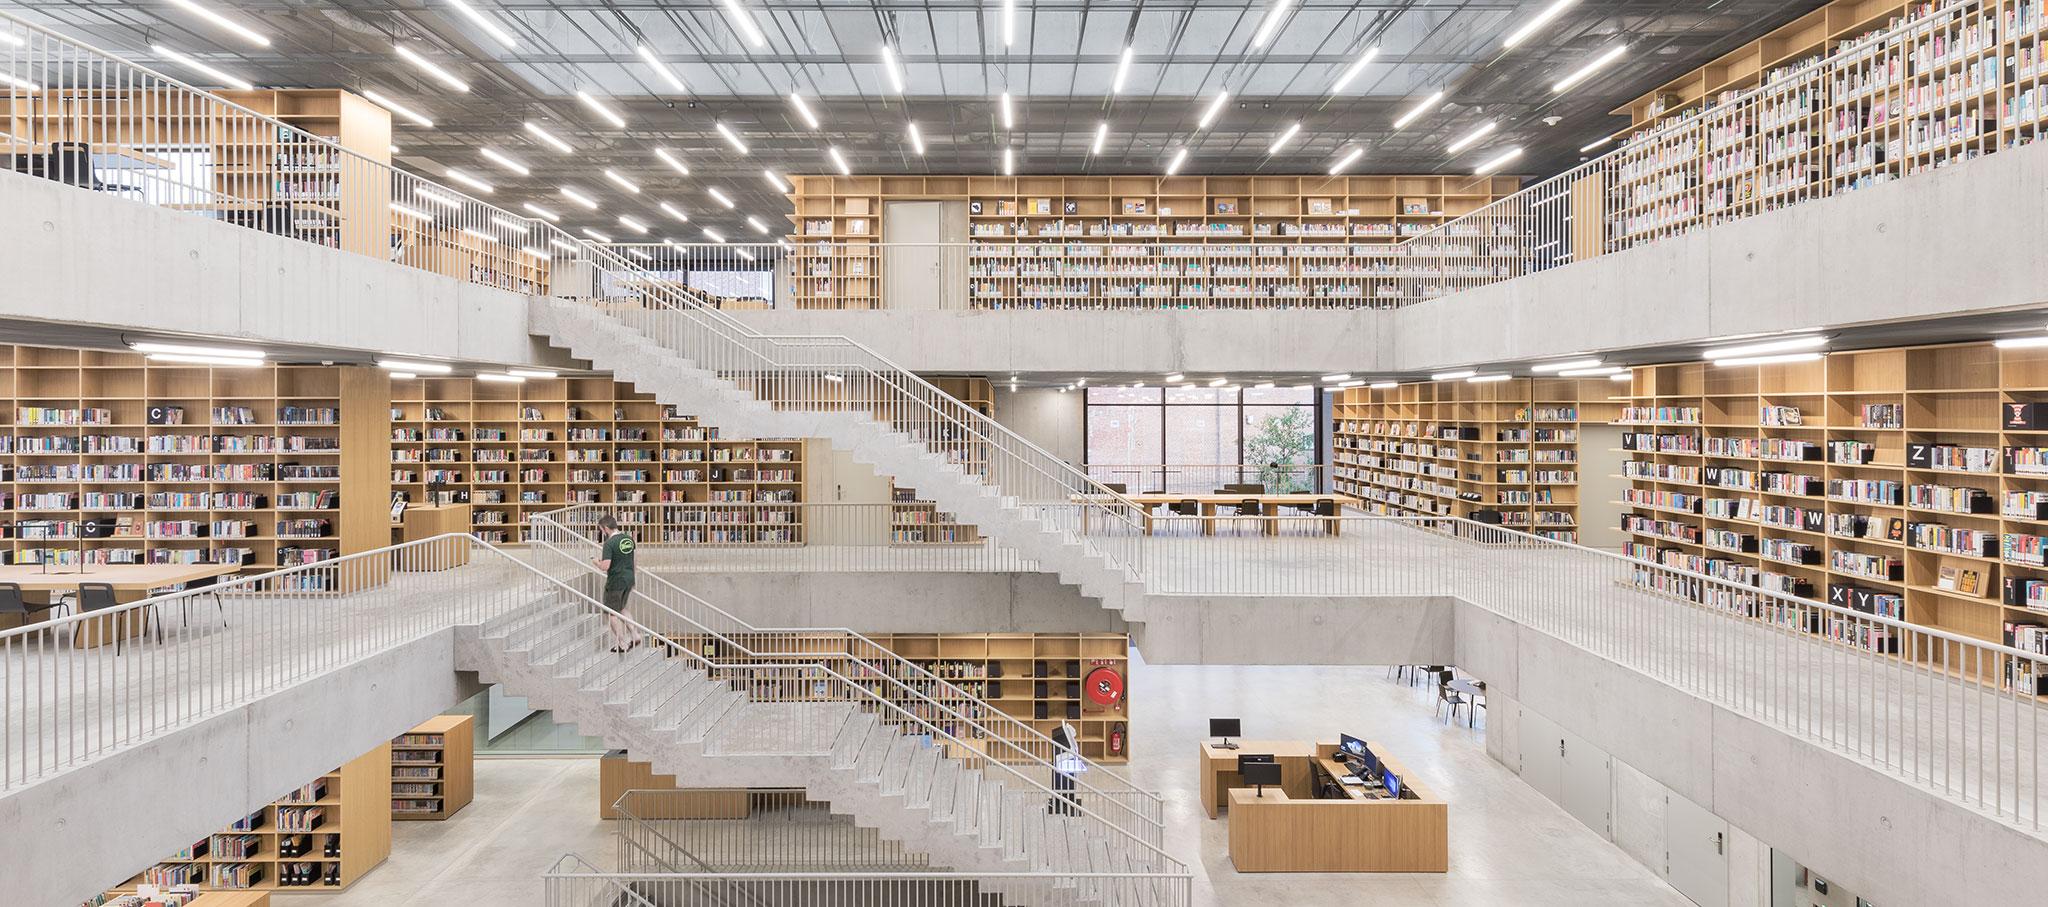 Utopia – Biblioteca y Academia de Artes Escénicas por KAAN Architecten. Fotografía Delfino Sisto Legnani e Marco Cappelletti